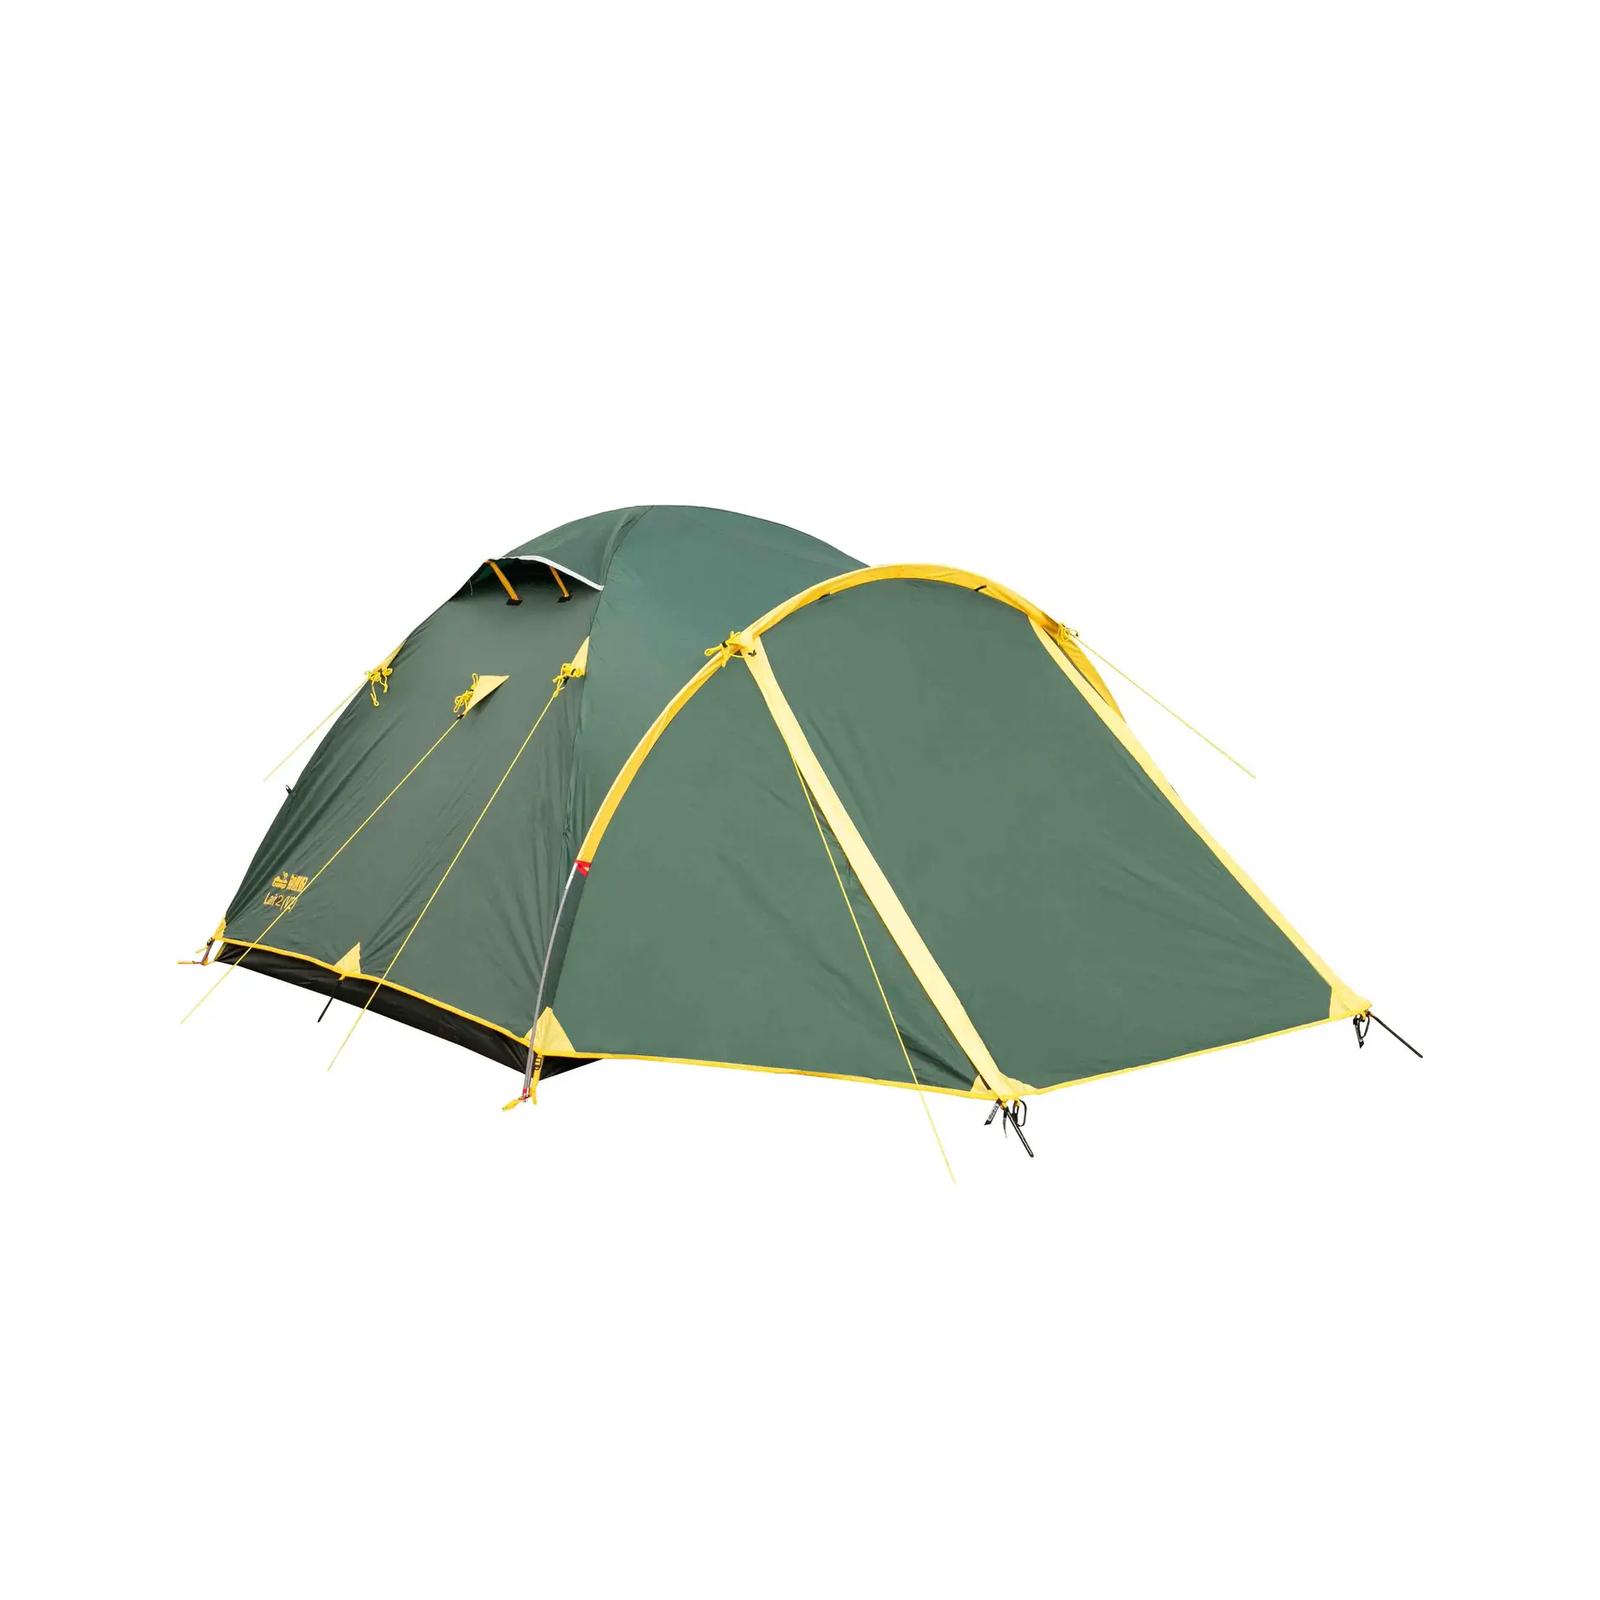 Палатка Tramp Lair 2 v2 (TRT-038) изображение 2